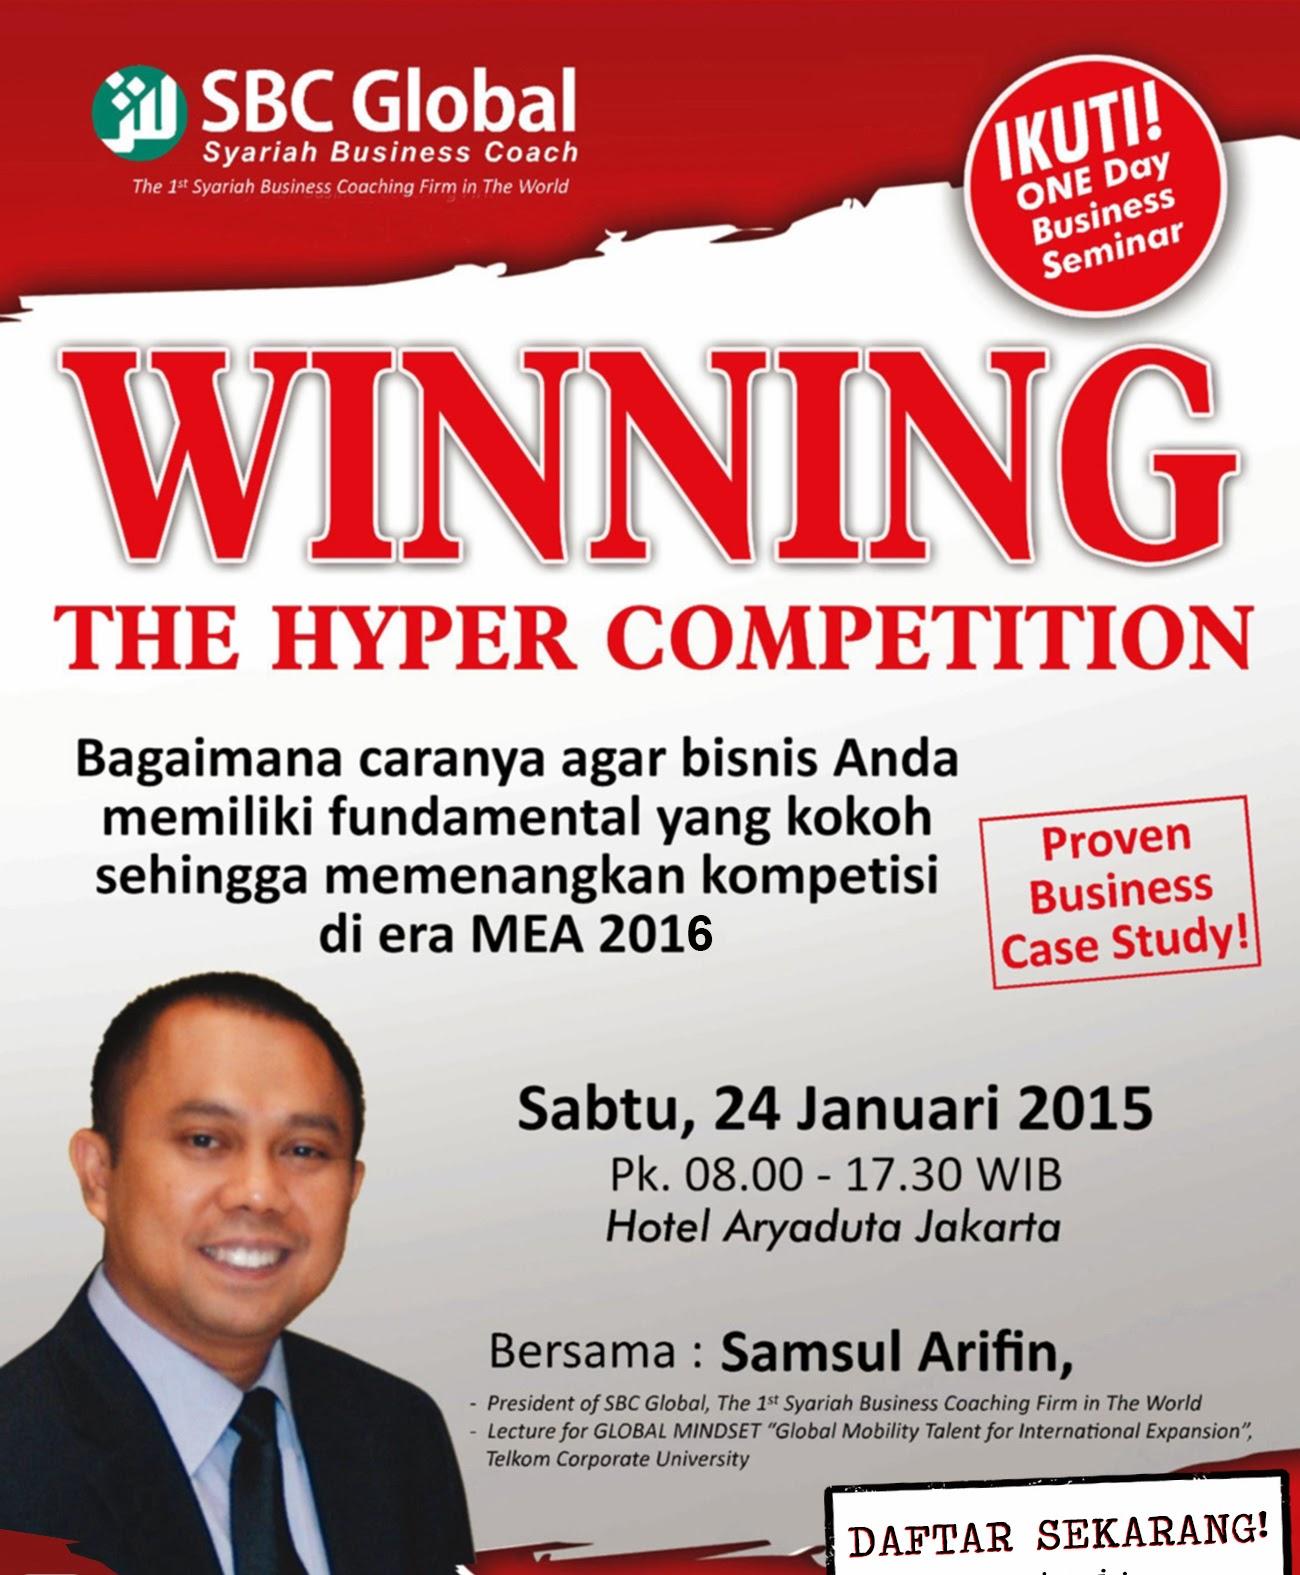 Jakarta Seminar Bisnis Winning Hyper Competition